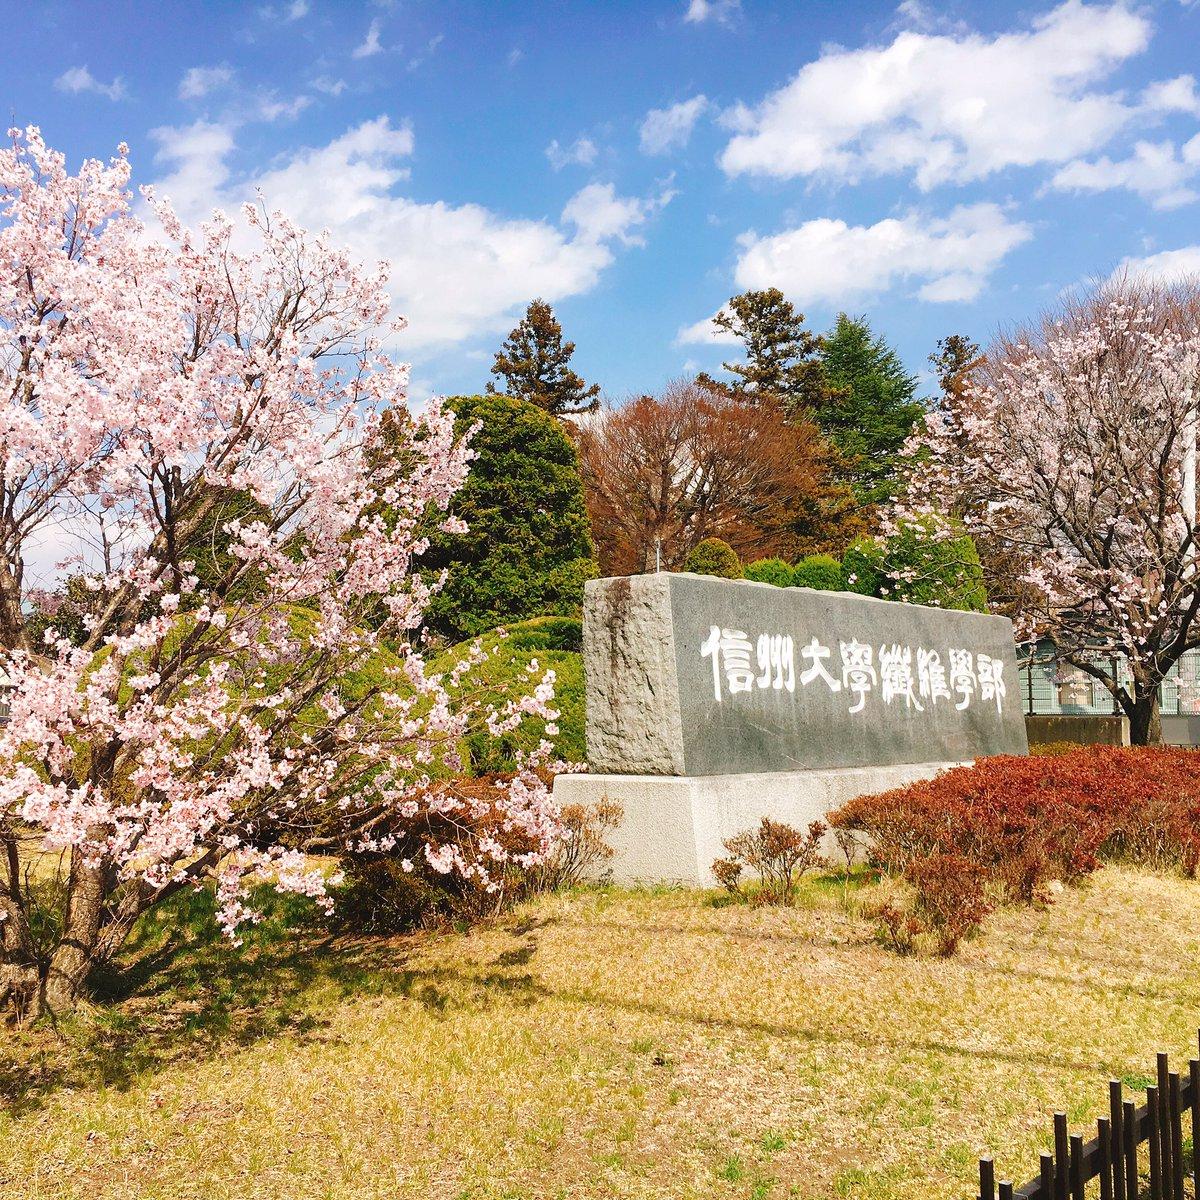 かの就職無理学部には春が来ないそうですが日本唯一の名誉ある繊維学部には春来てまーすま、そういうことですよね!